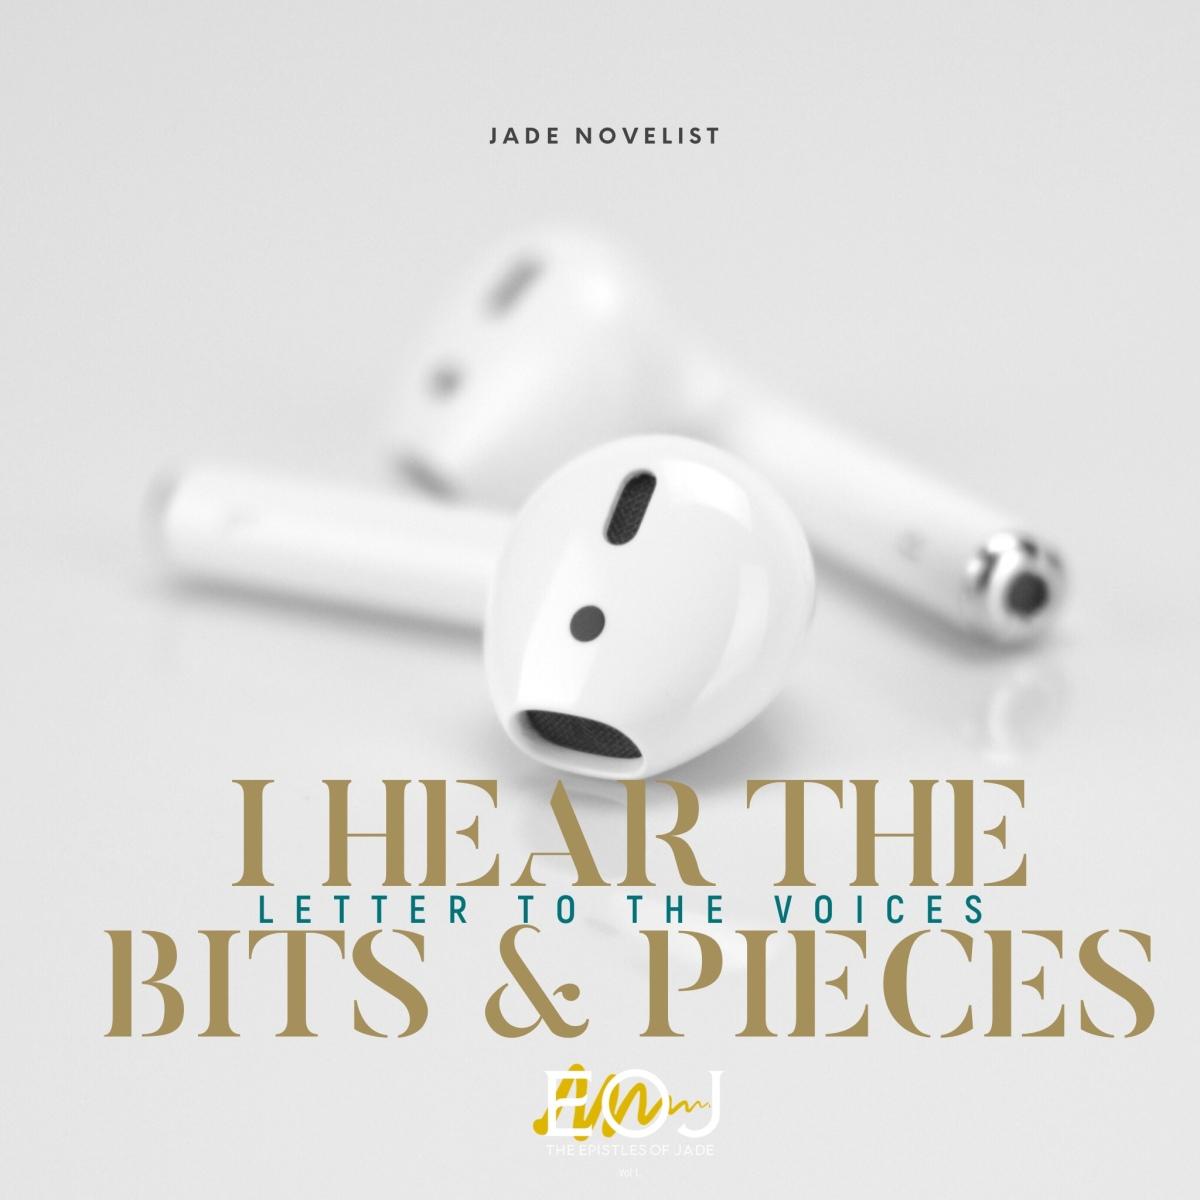 I Hear The Bits & Pieces